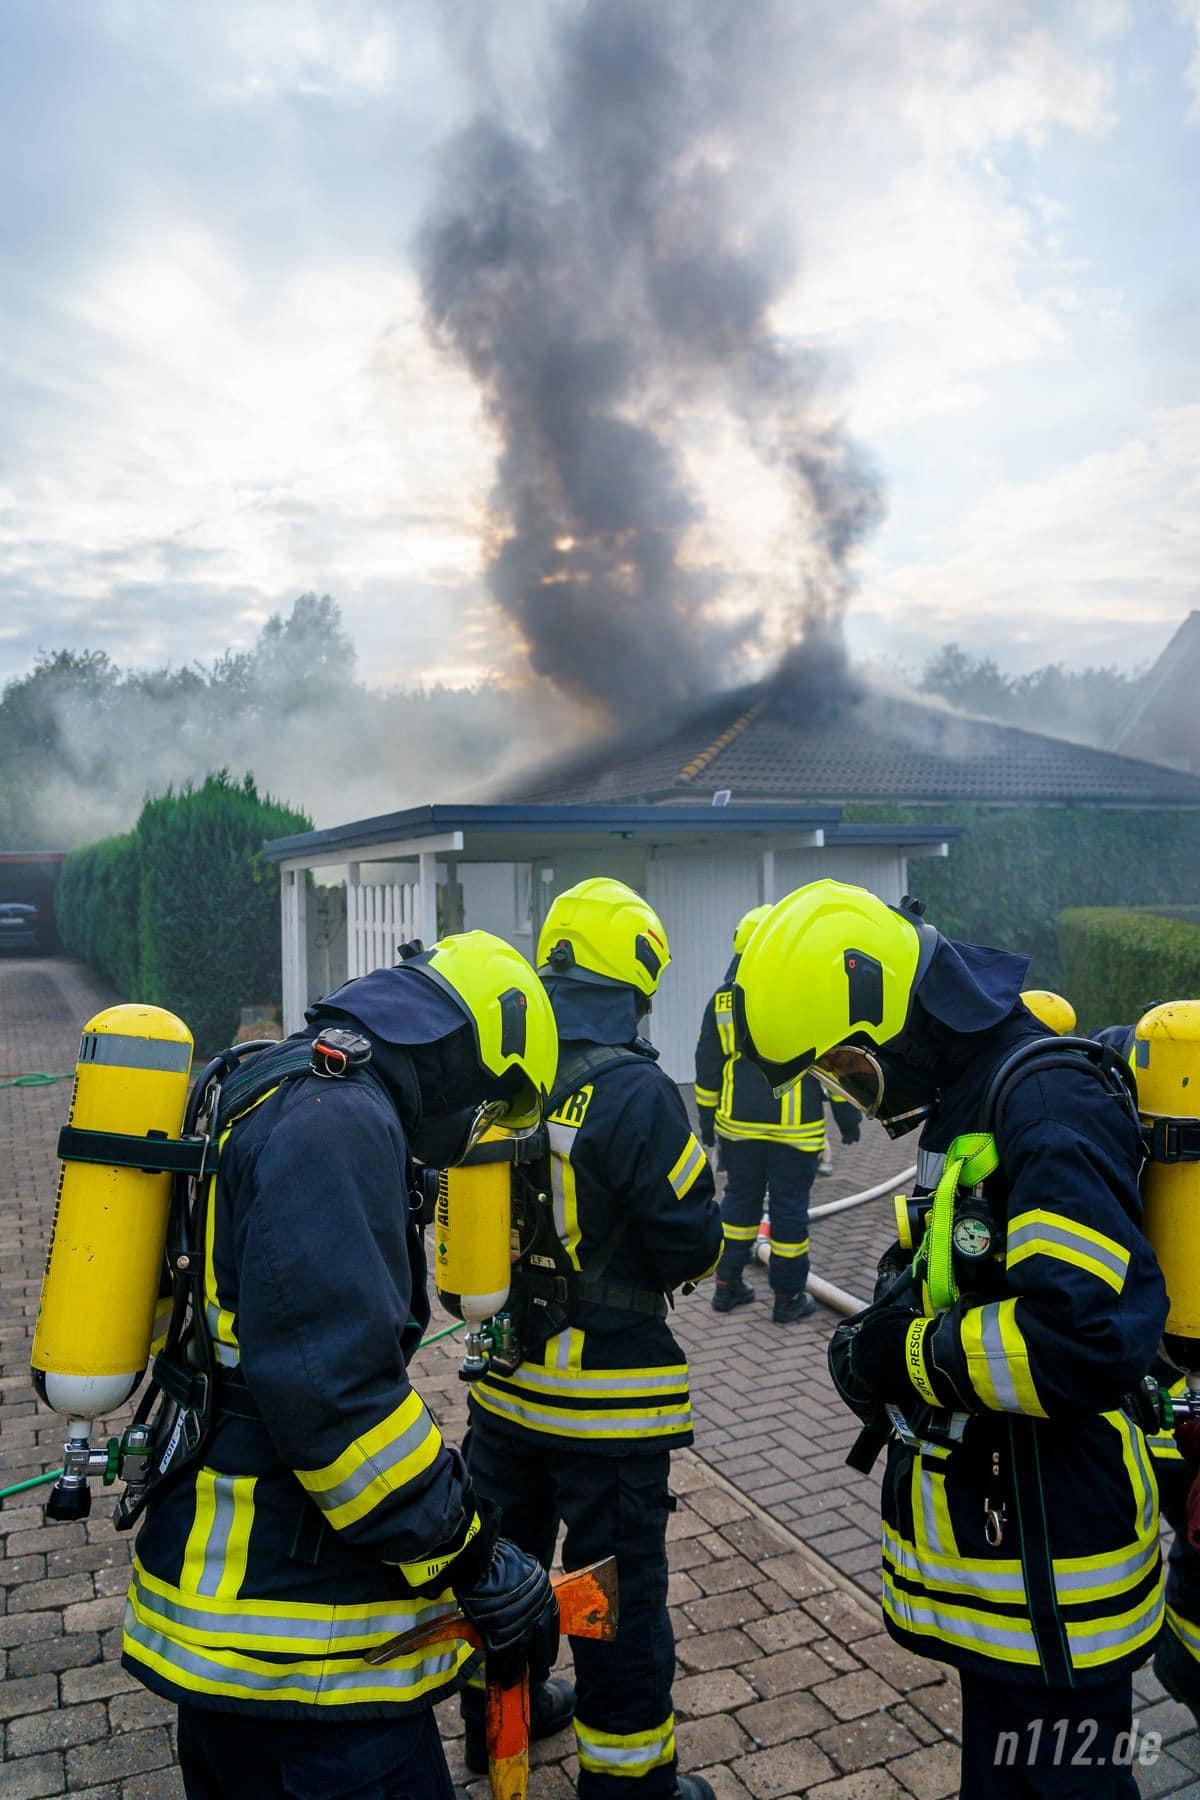 Atemschutzträger bereiten sich für den Einsatz vor (Foto: n112.de/Stefan Simonsen)